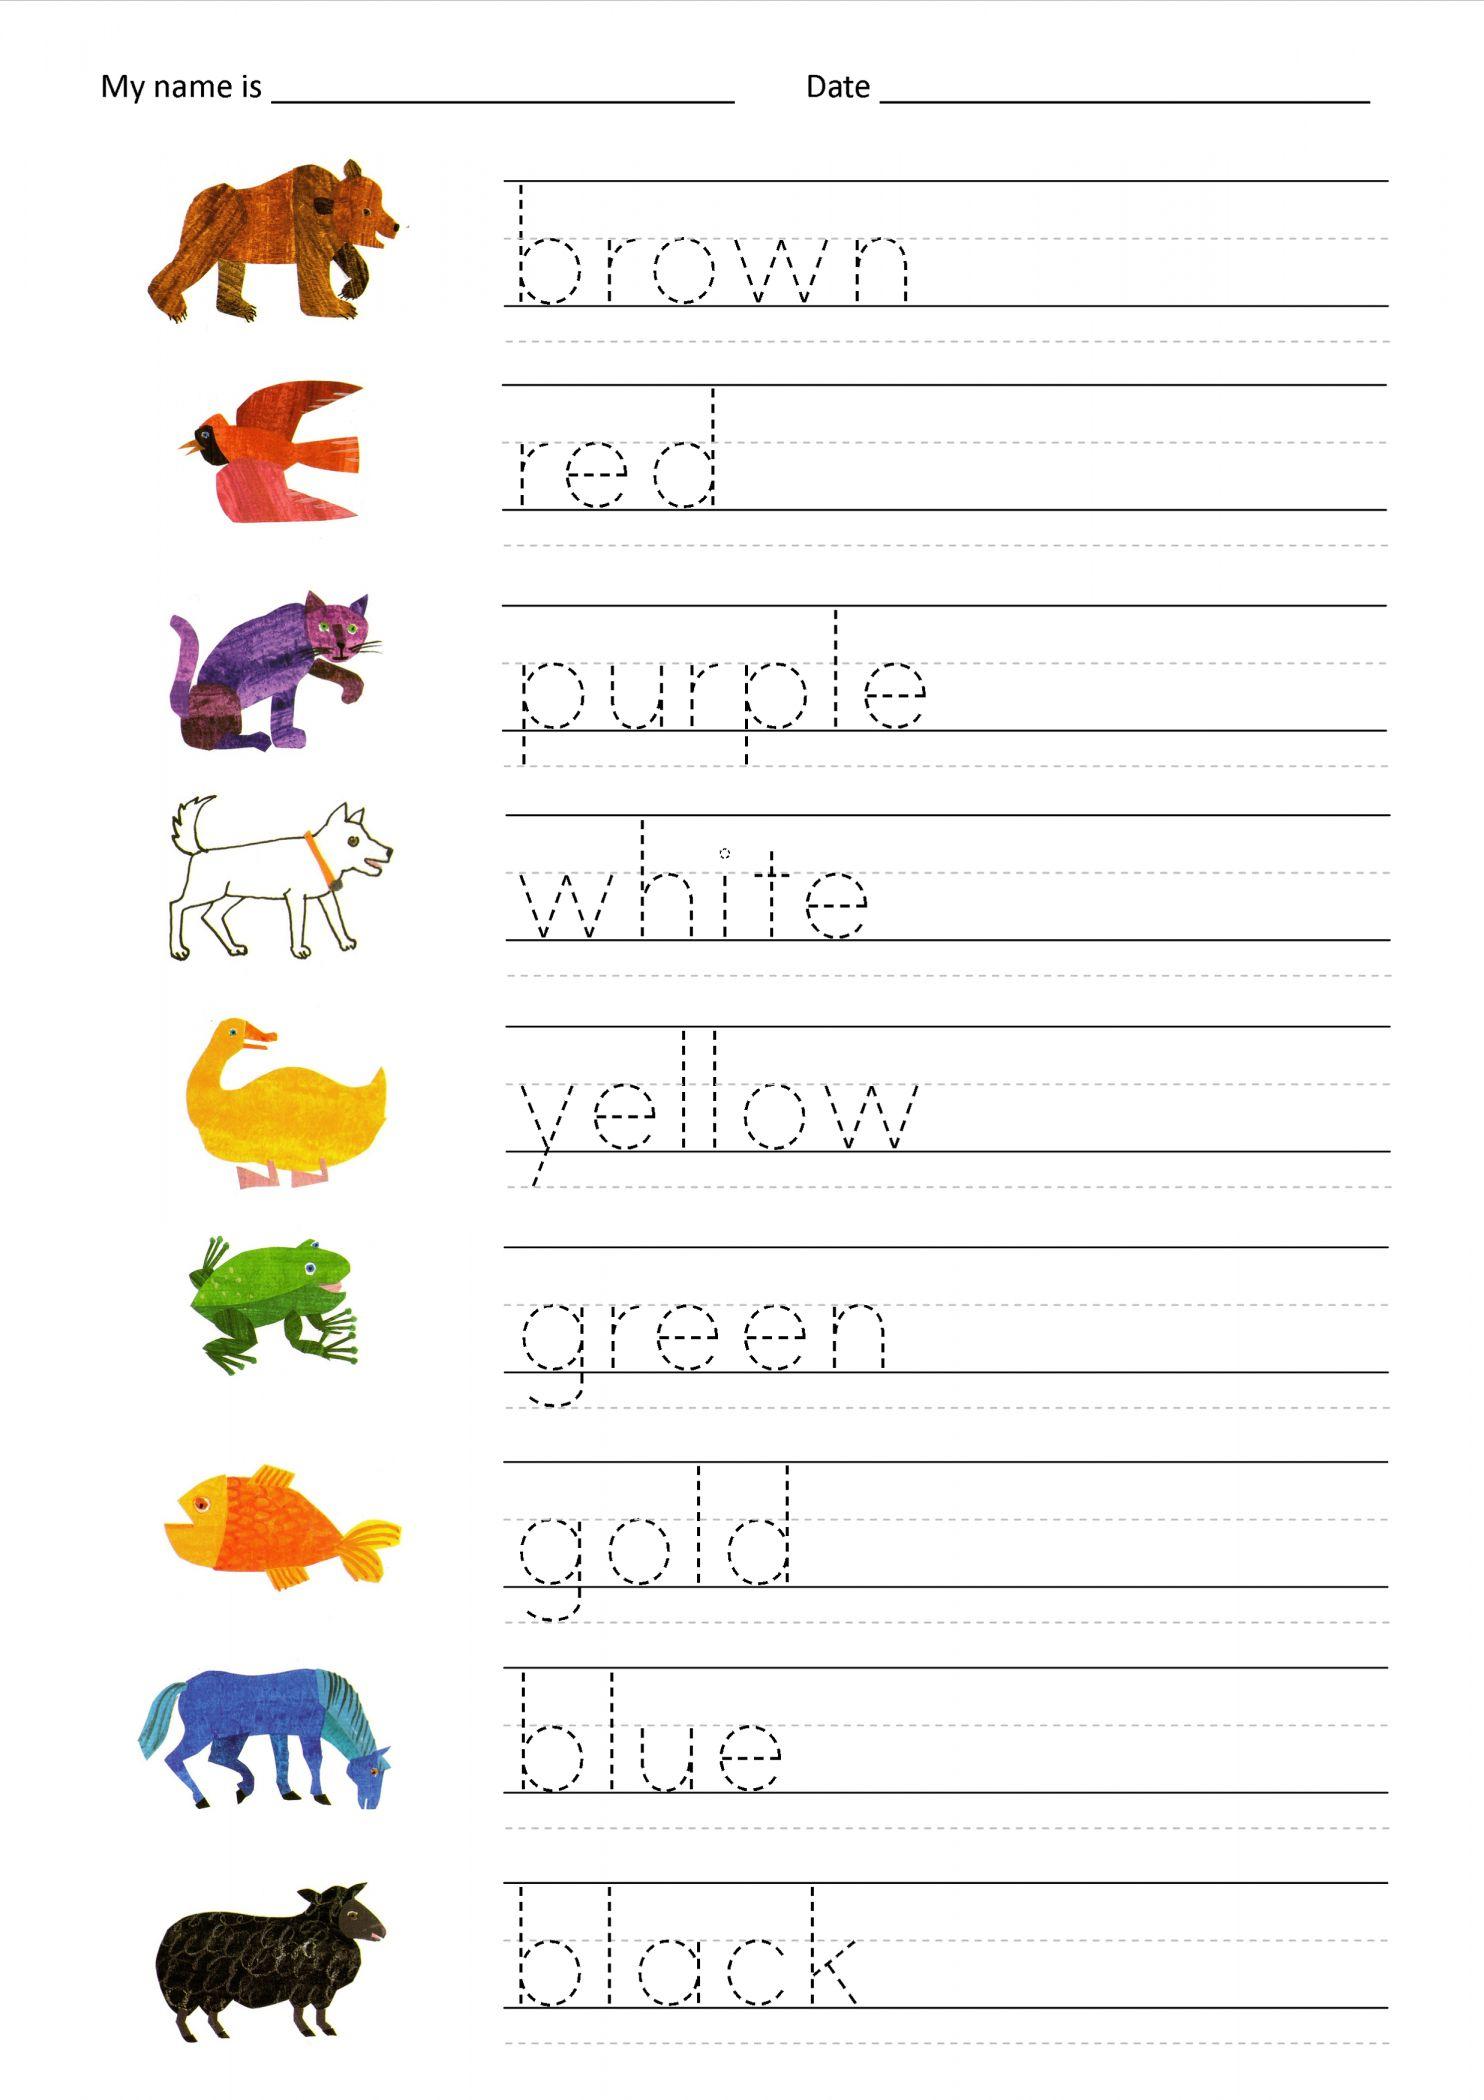 9+ Name Worksheet For Preschool | Preschool Worksheets